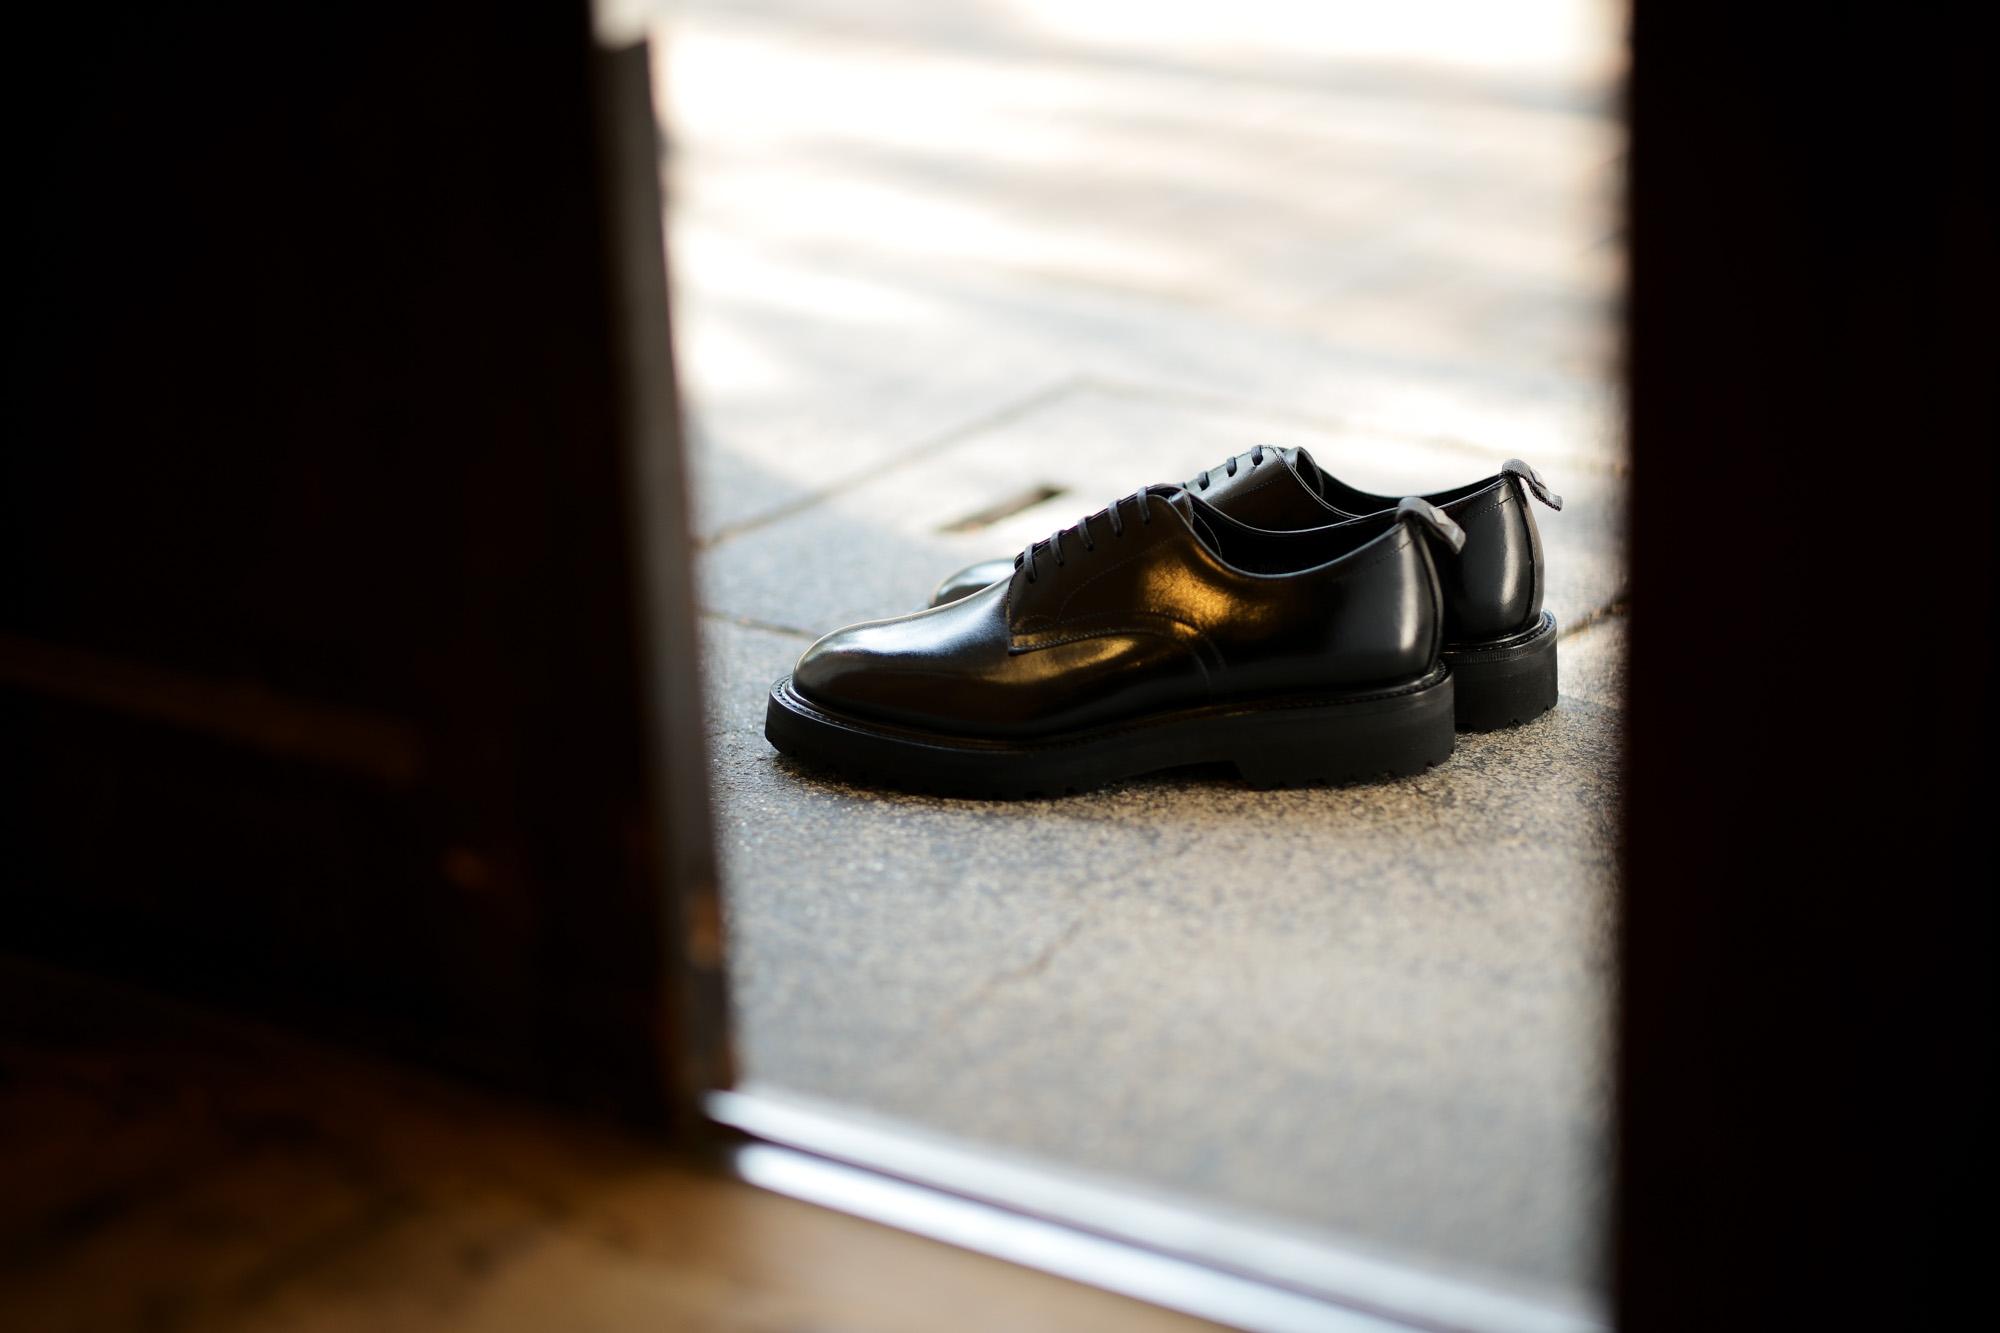 WH(ダブルエイチ) WH-0006(WHS-0006) Plane Toe Shoes  (干場氏 スペシャル モデル) Birdie Last(バーディラスト) ANNONAY Vocalou Calf Leather プレーントゥ シューズ BLACK(ブラック) MADE IN JAPAN(日本製) 2018 春夏新作 【干場氏、坪内氏の直筆サイン入り】【Alto e Diritto限定 スペシャルアイテム】【9月上旬入荷分ご予約受付中】【10月上旬入荷分ご予約受付中】【11月上旬入荷分ご予約受付中】  wh 干場さん 干場スペシャル FORZASTYLE フォルザスタイル 愛知 名古屋 Alto e Diritto アルト エ デリット